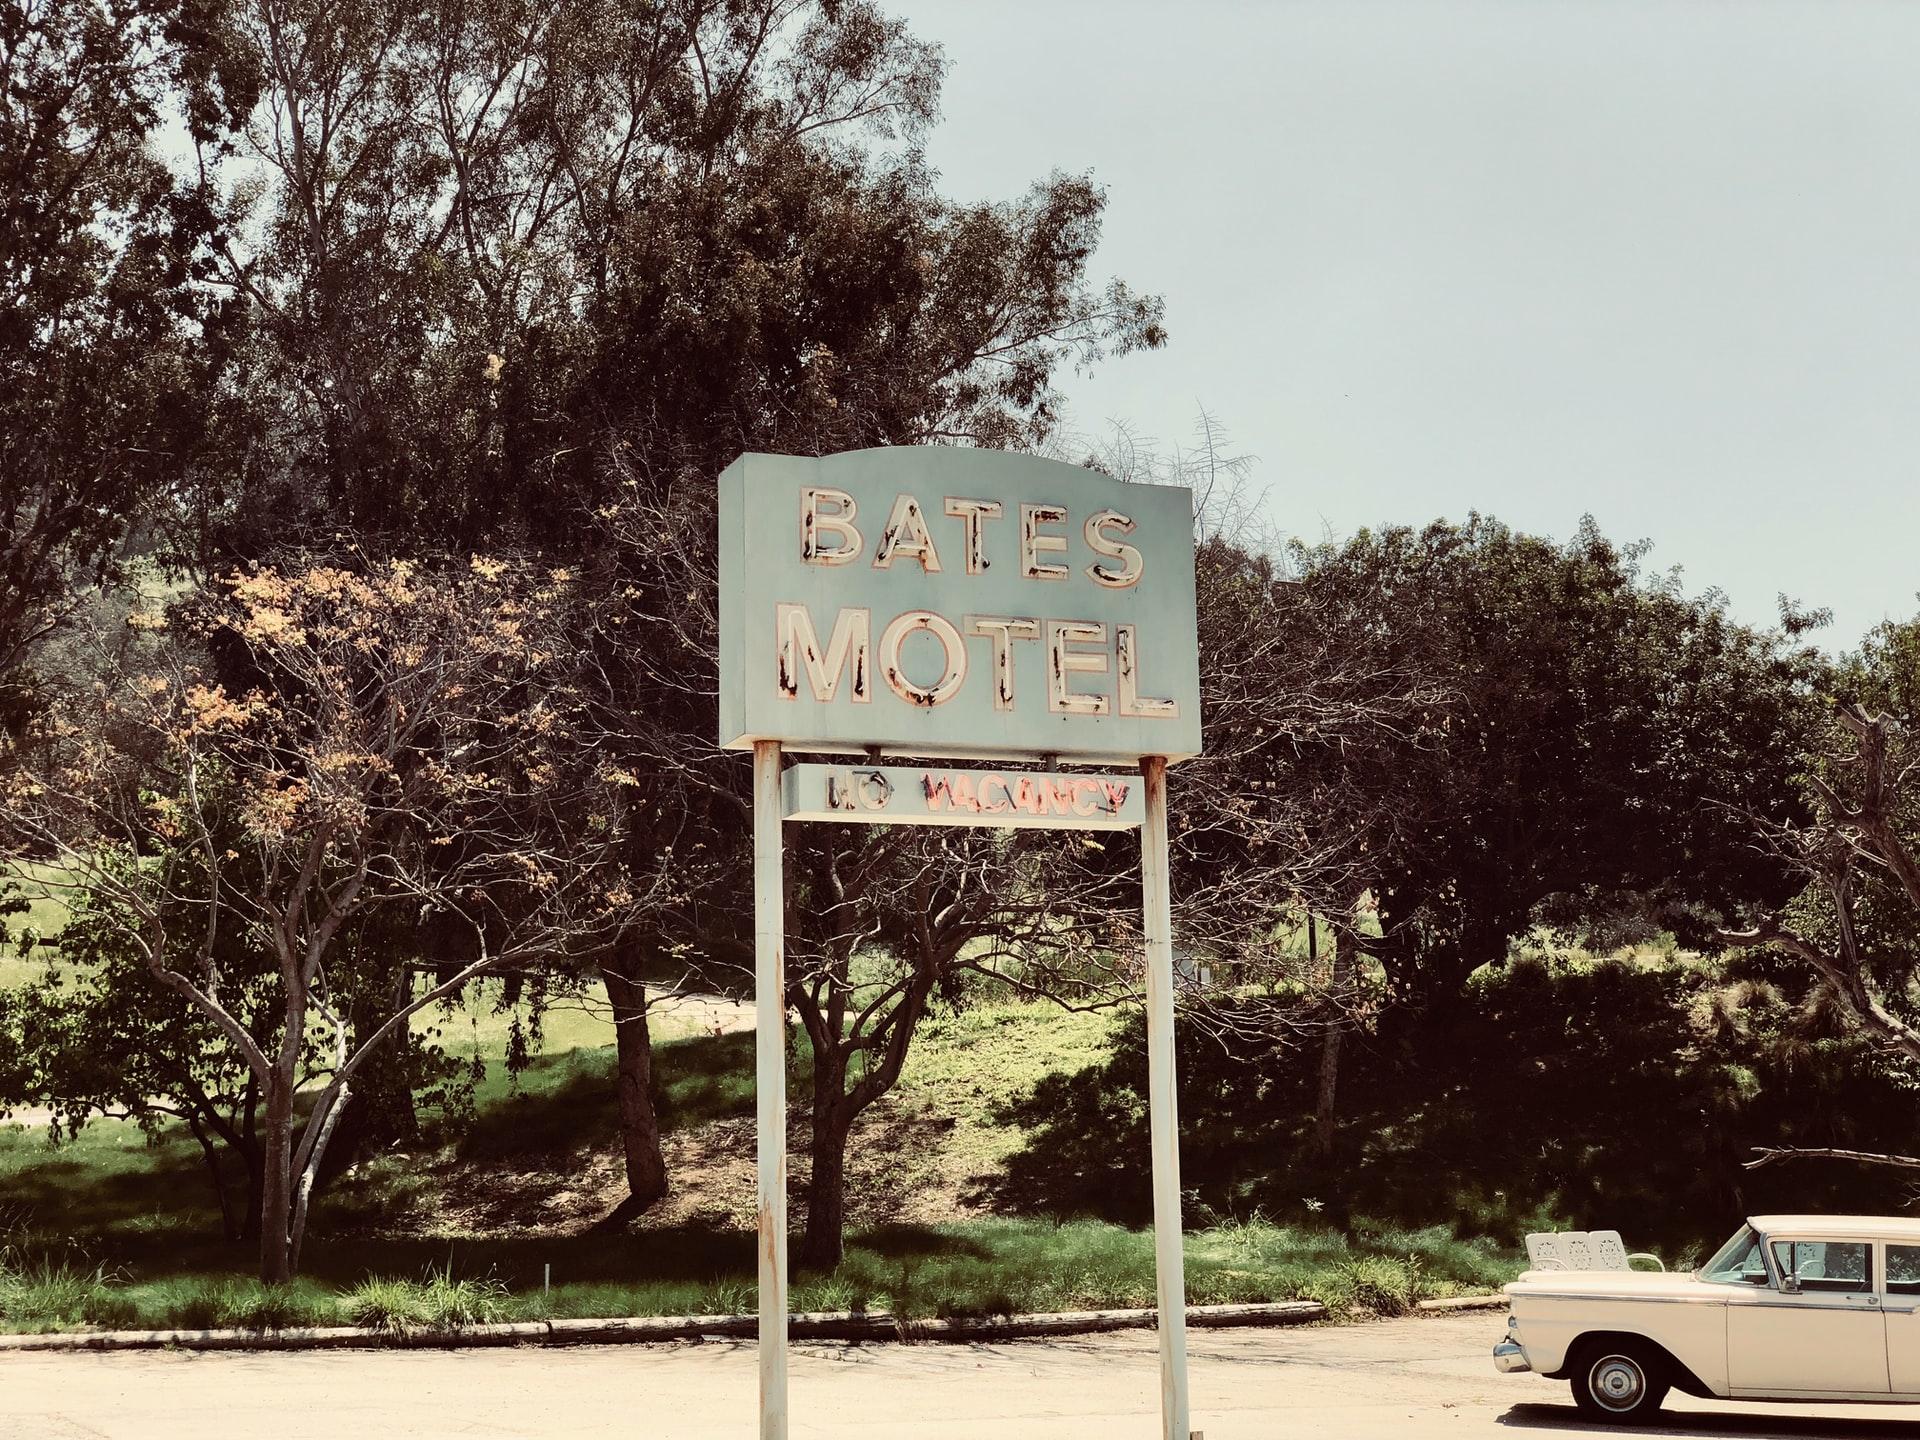 Creepy Bates Motel at Universal Studios Hollywood